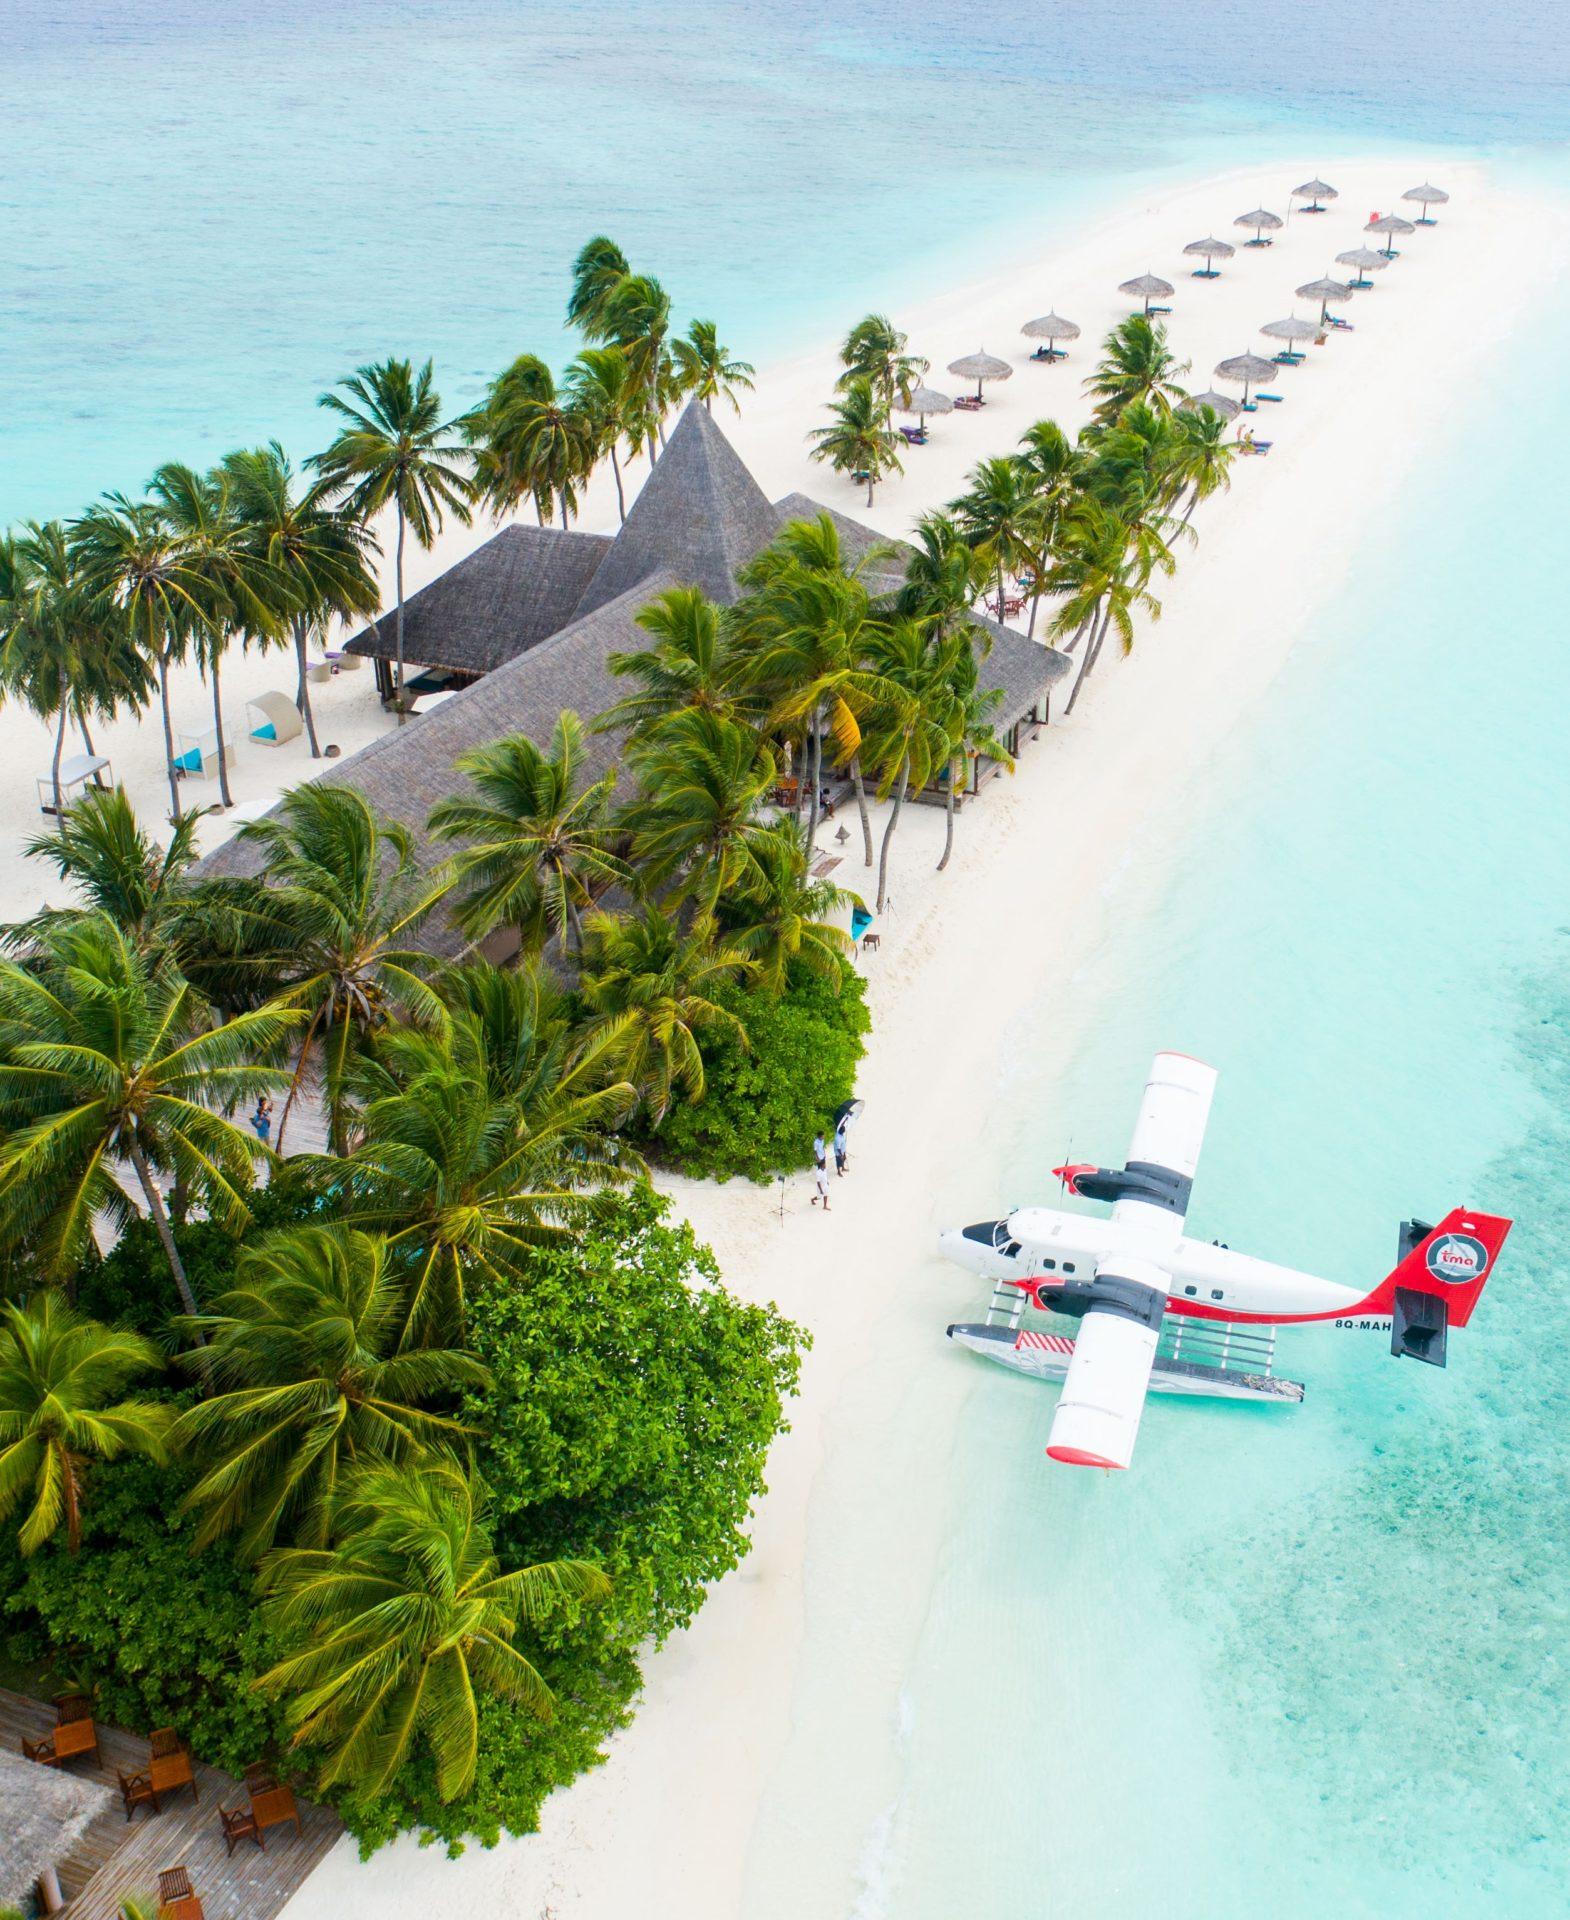 DhigurahMaamigili Island Resort Hotel Cabana Villa TJB